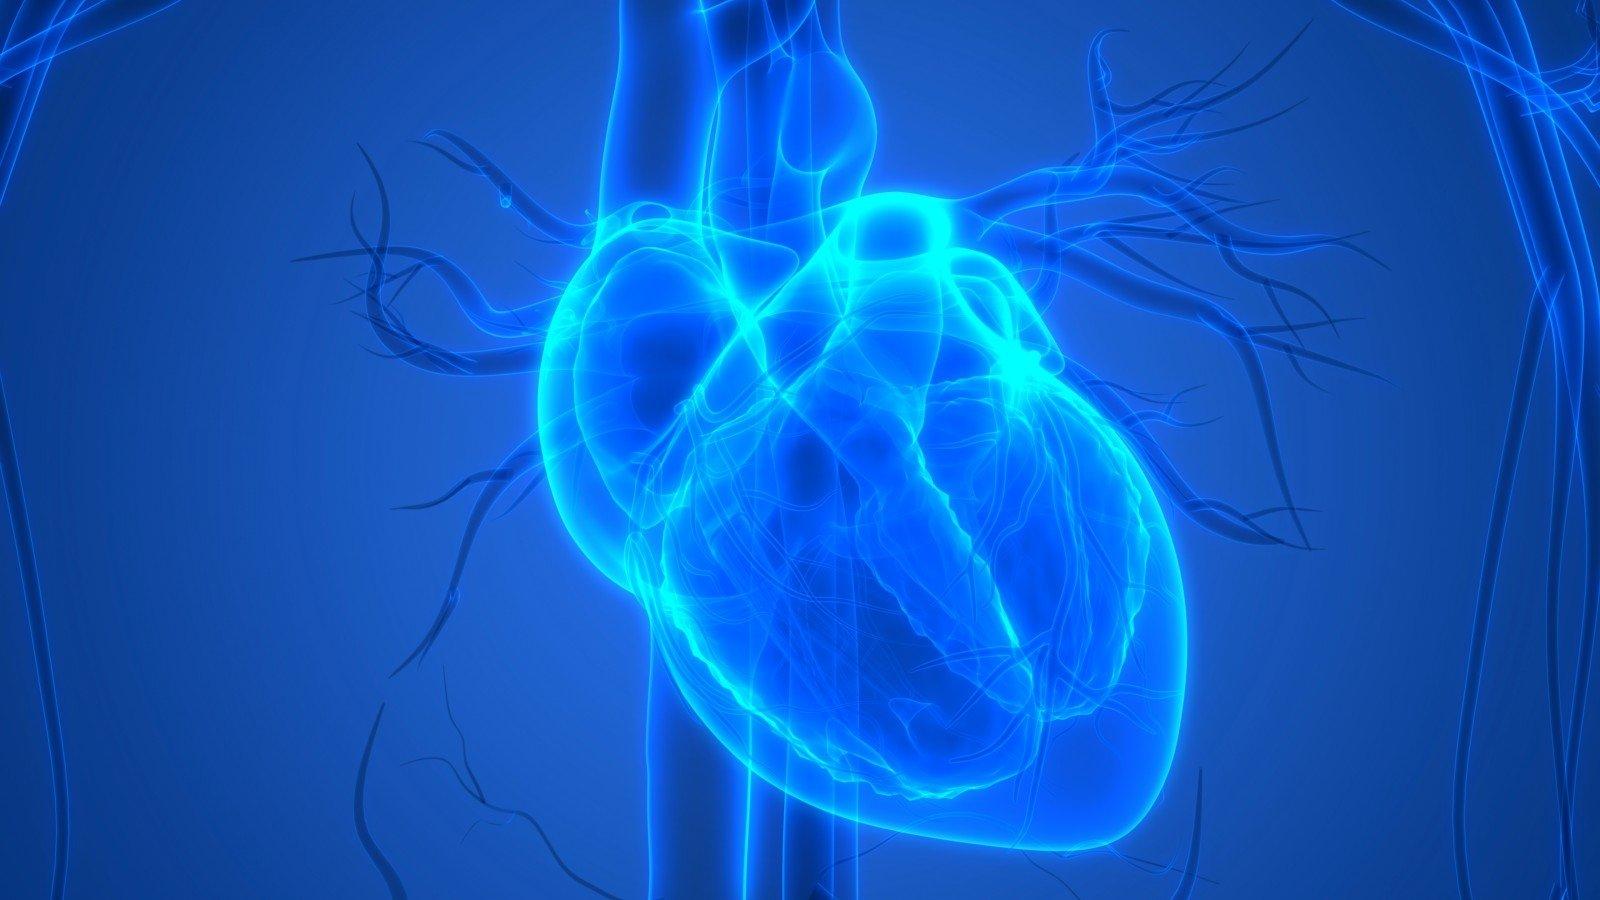 Sveiki atvykę į šventąsias širdies sveikatos sistemas